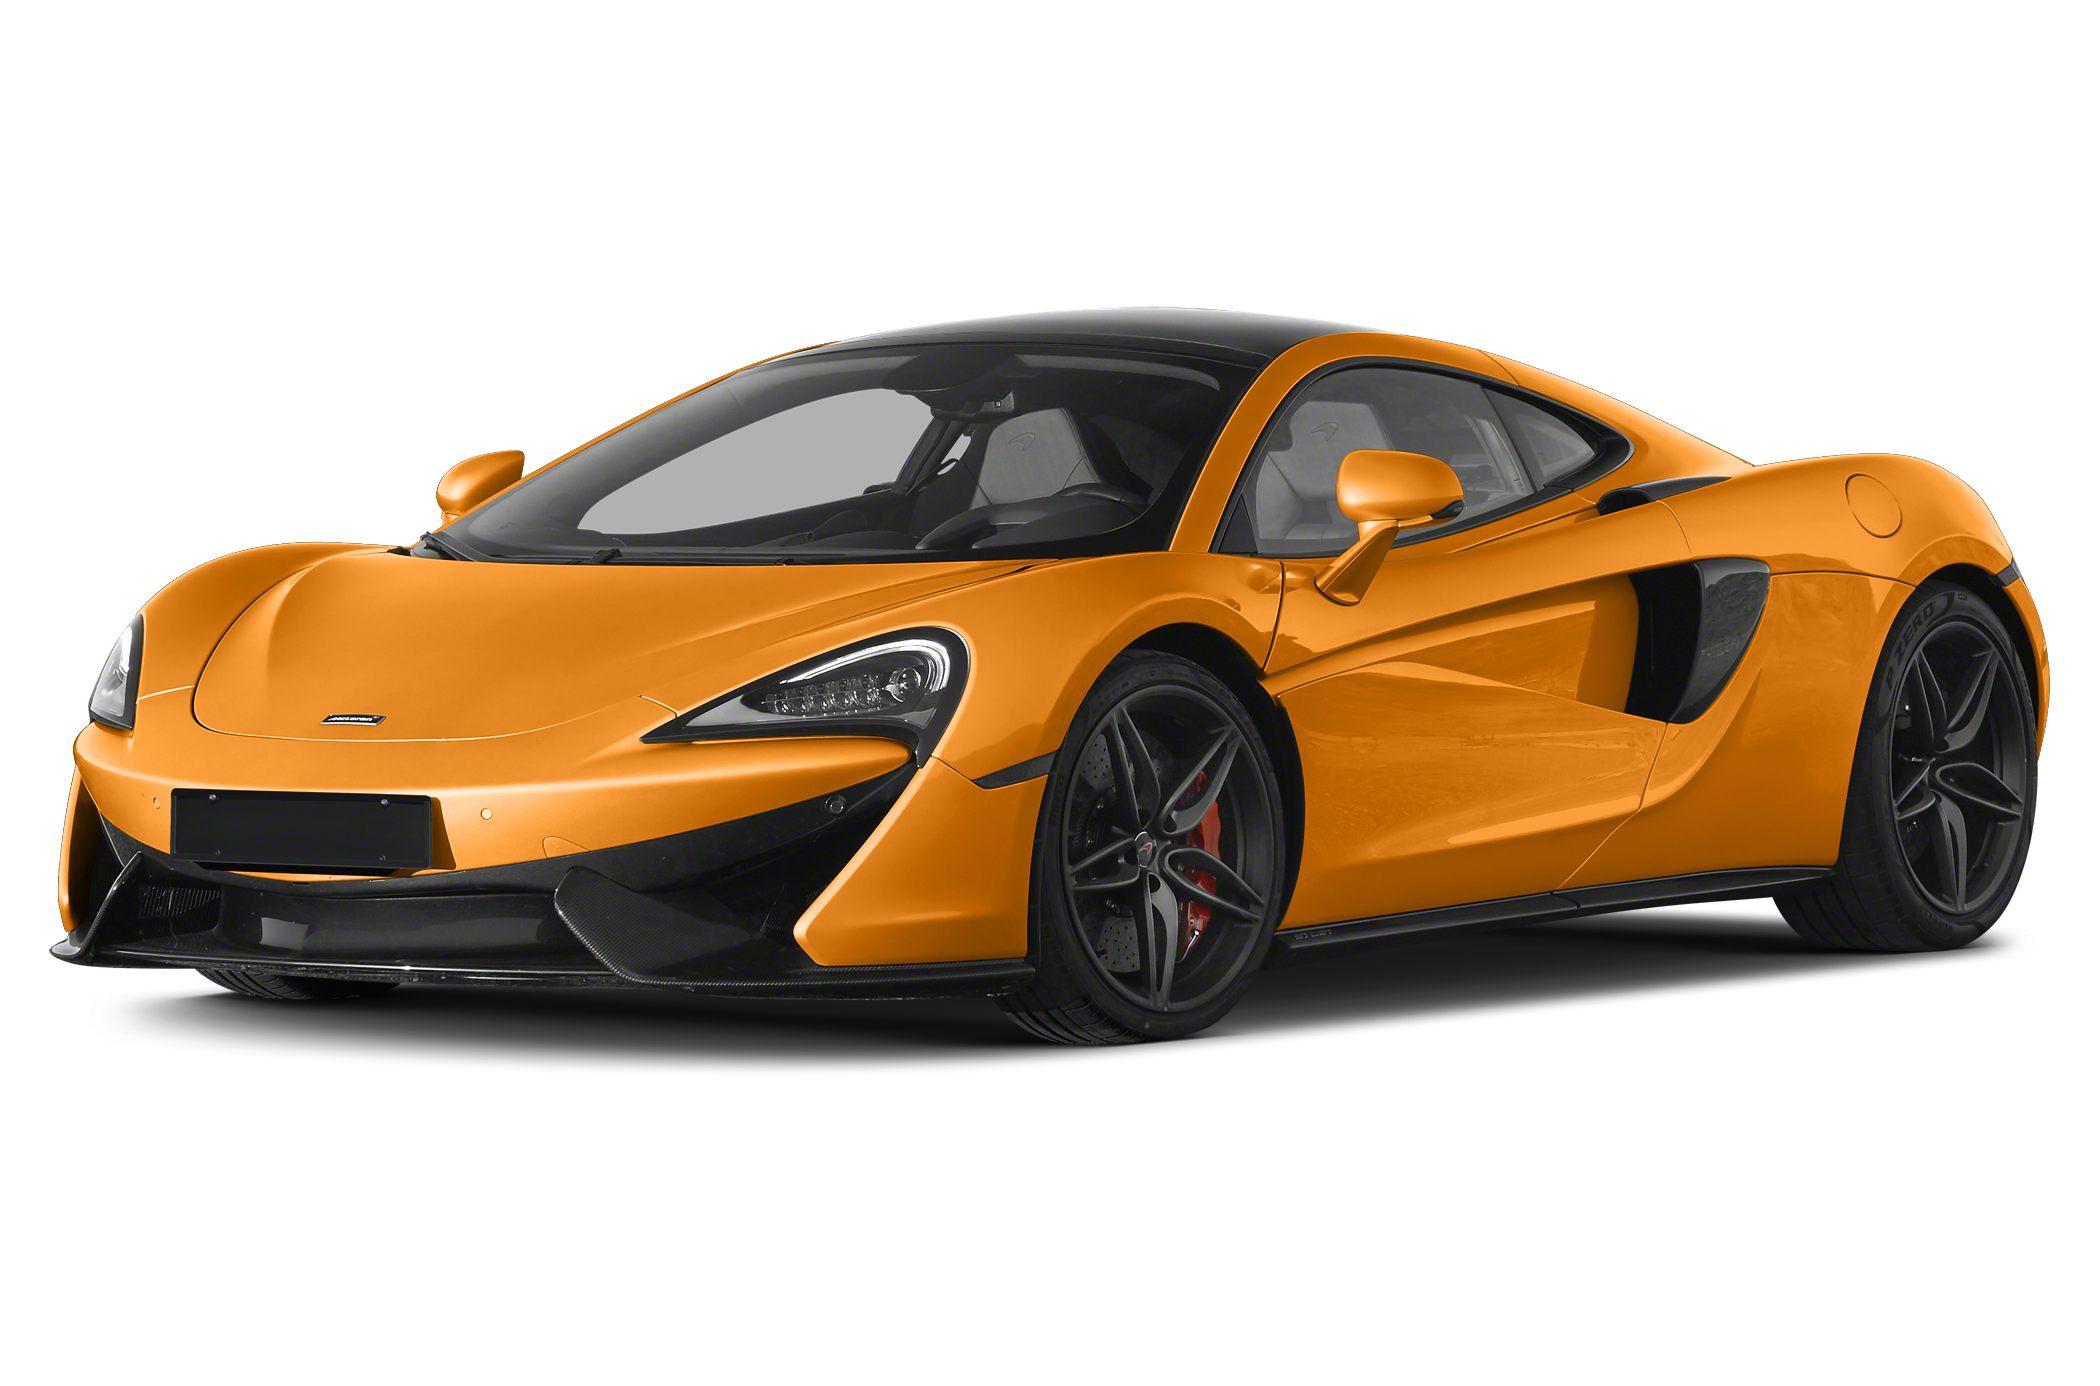 Mclaren 570gt Coupe Models Price Specs Reviews Cars Com